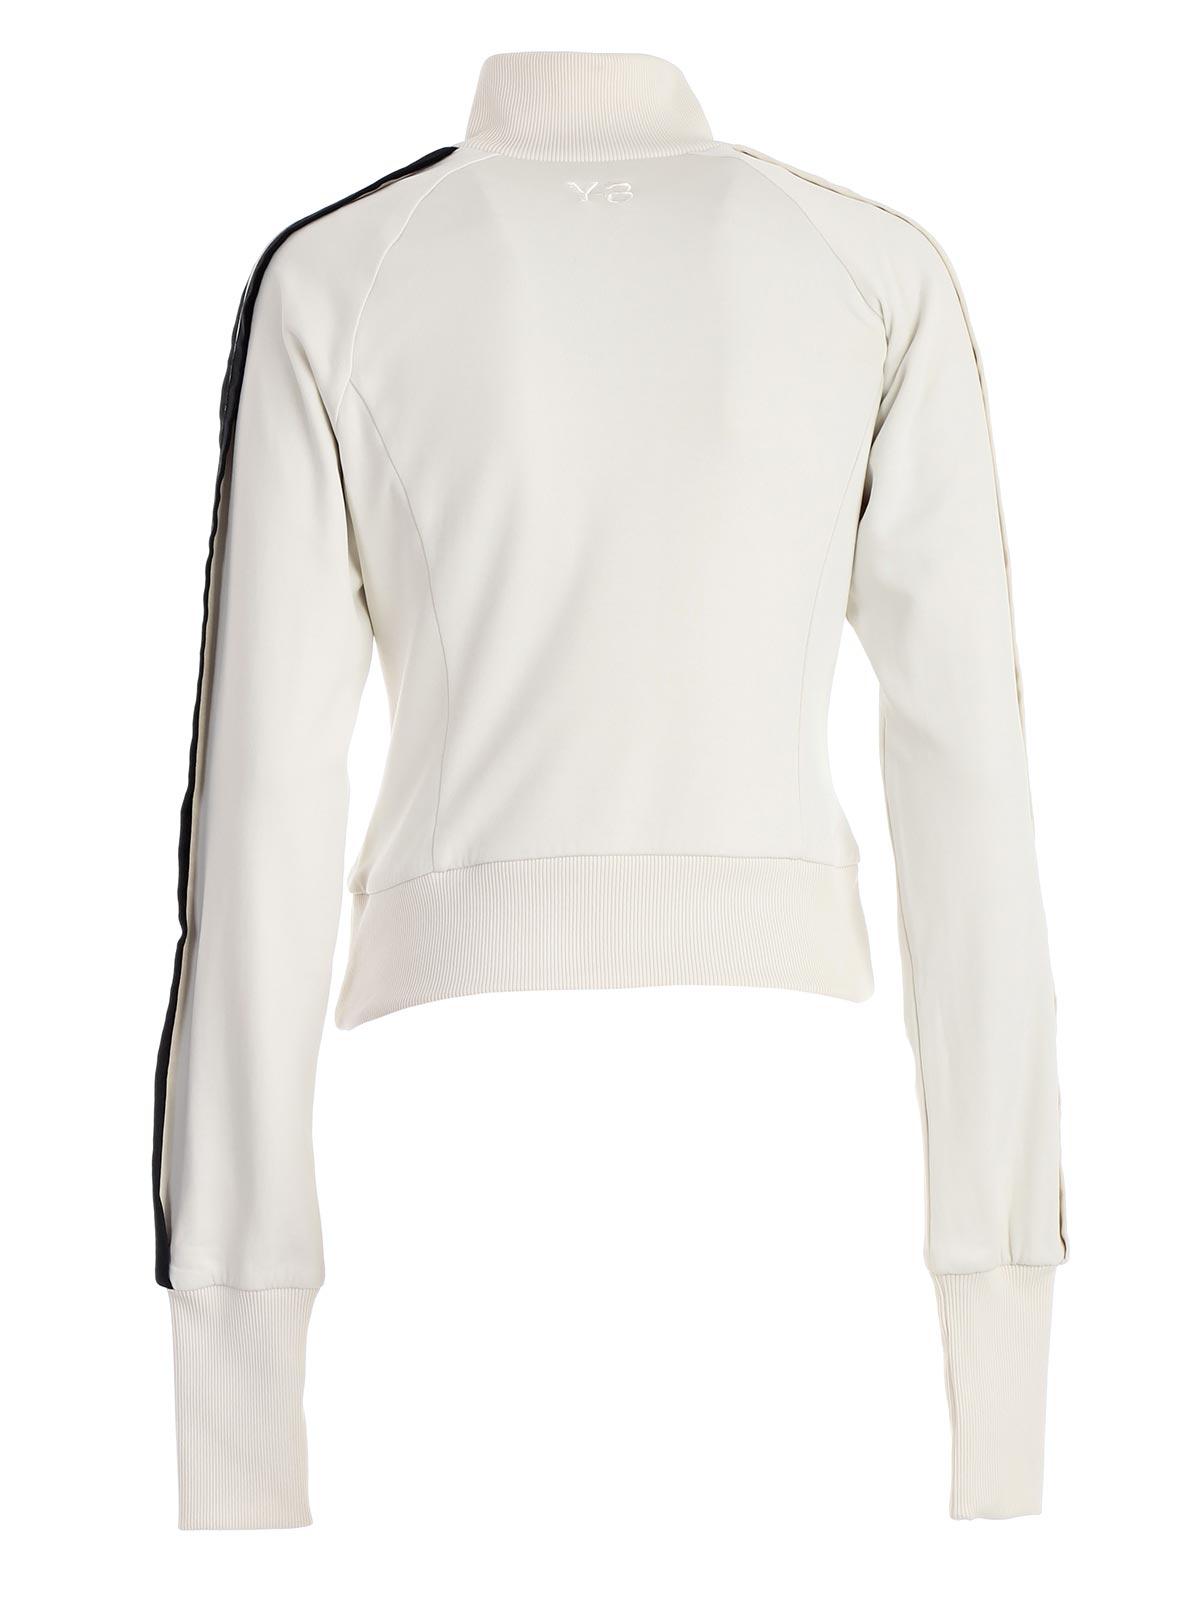 Picture of Y-3 Yohji Yamamoto Adidas  Jersey